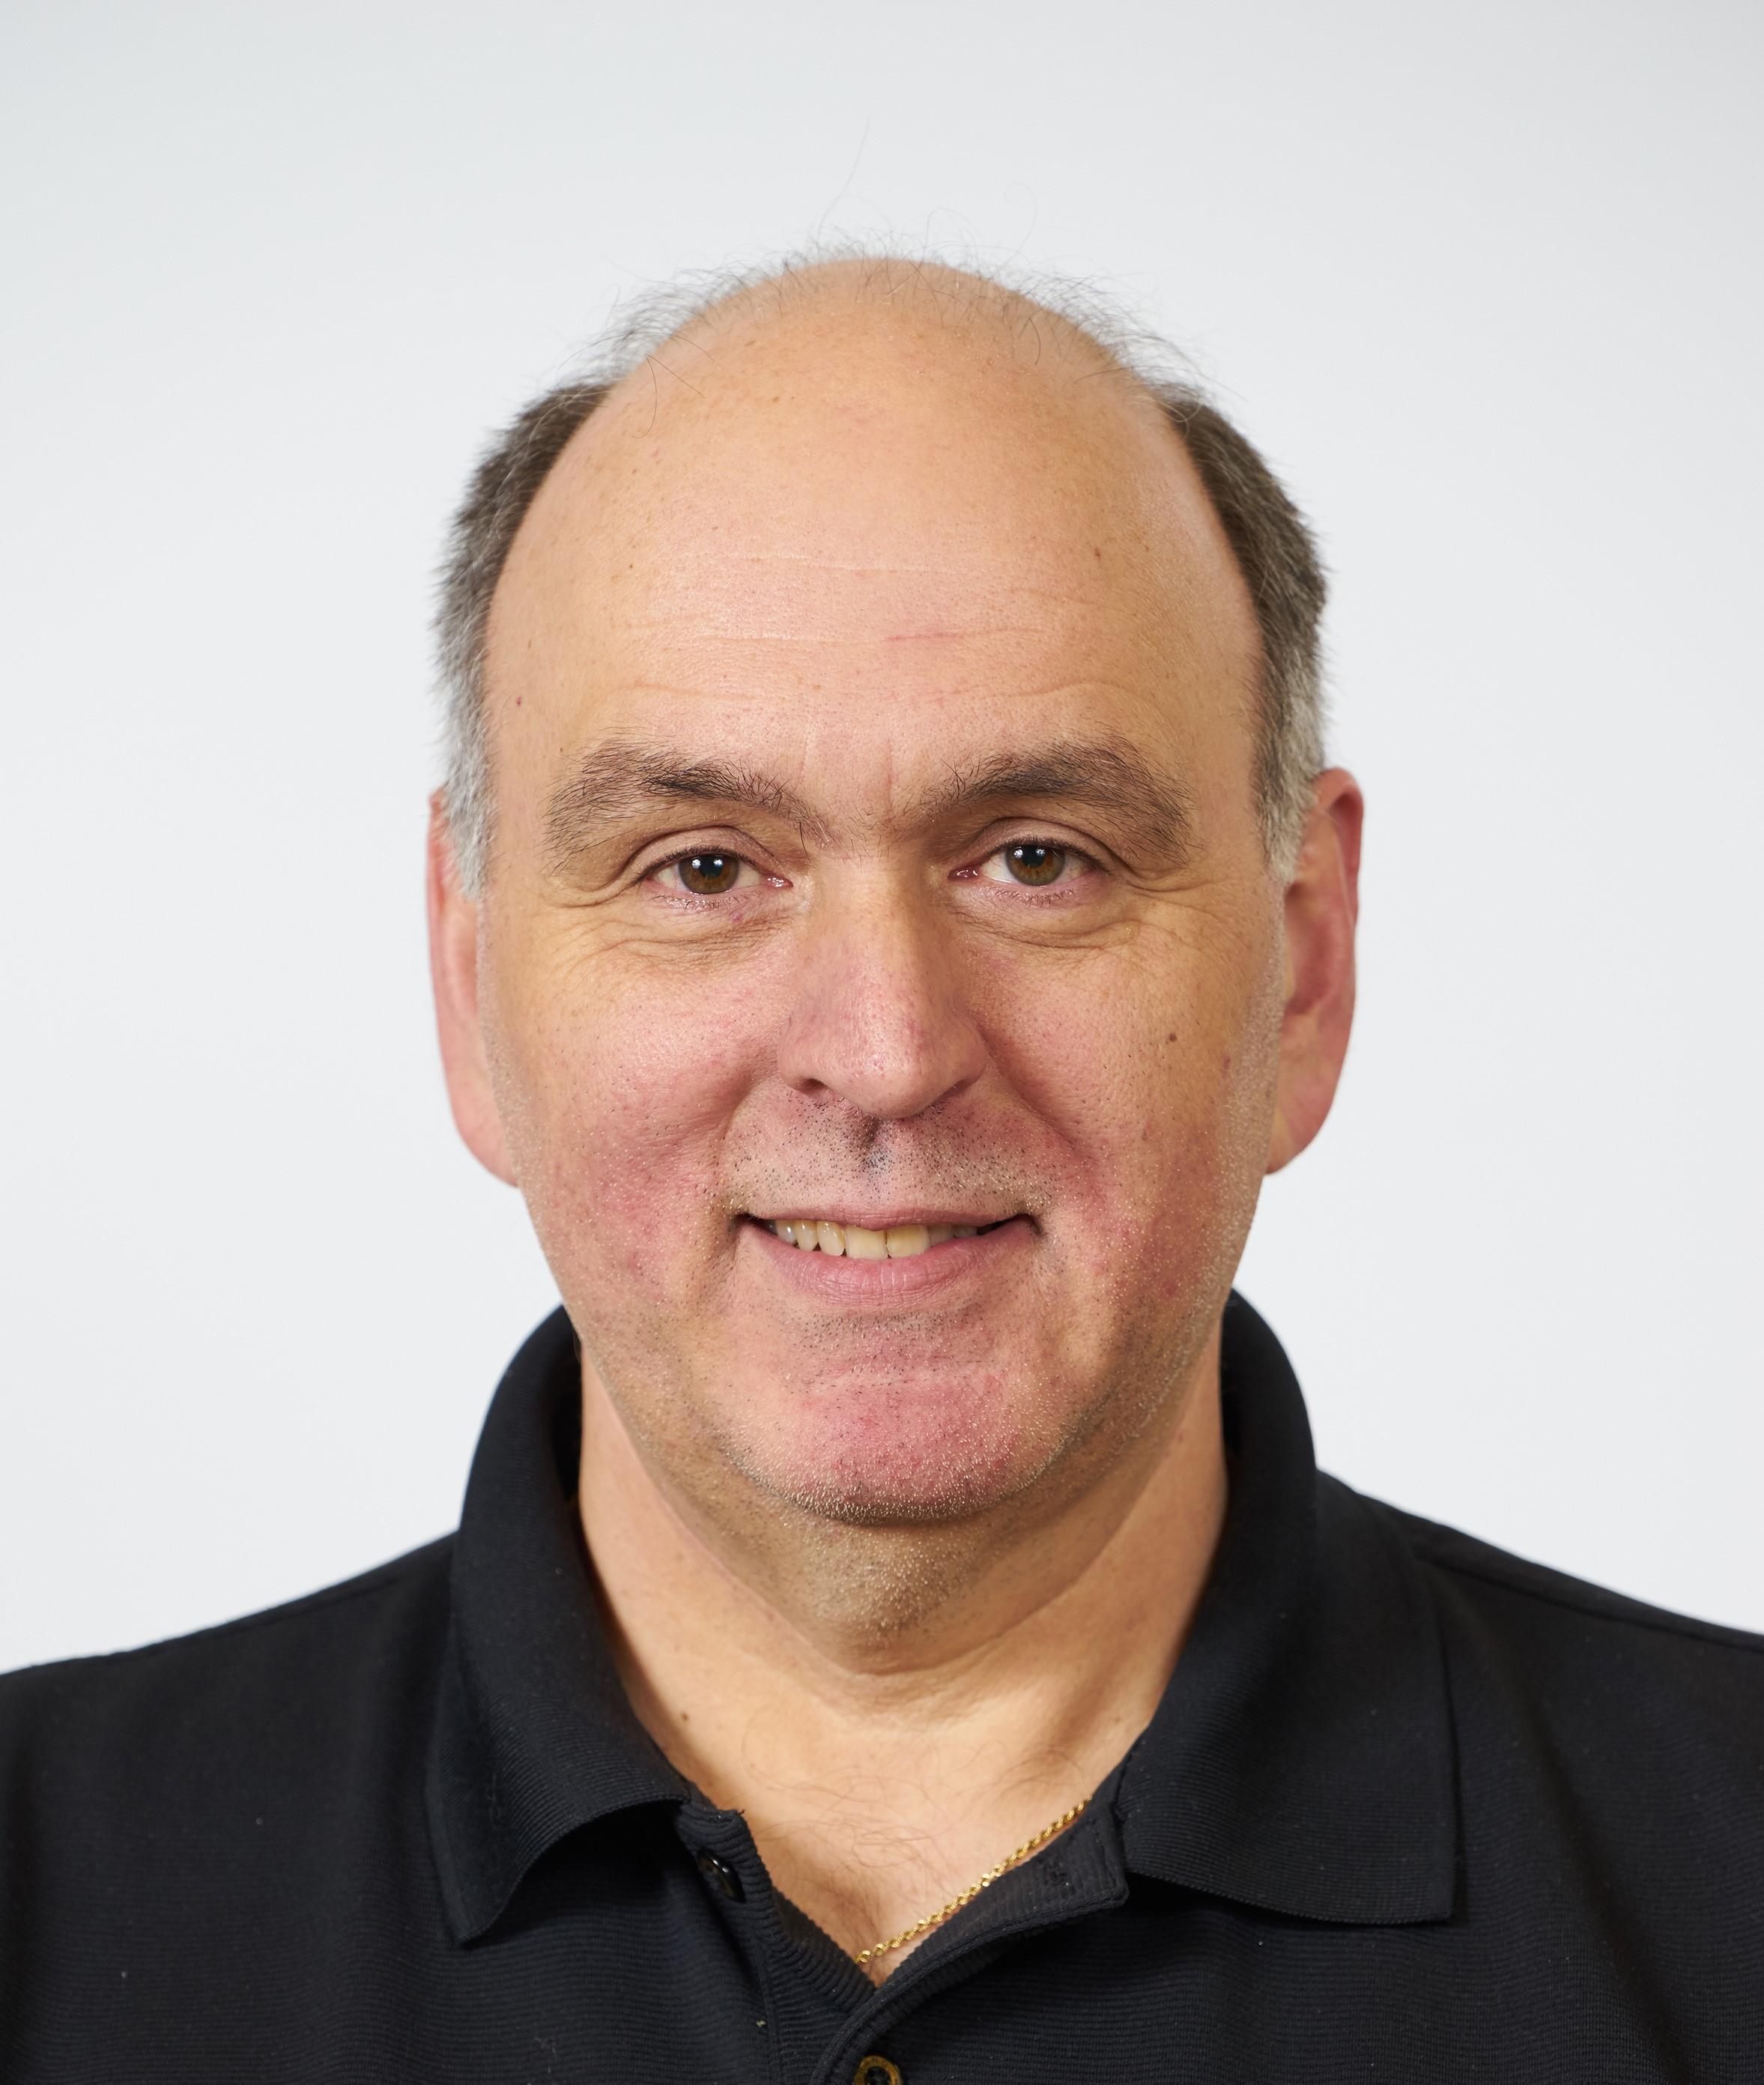 Joe Bobko